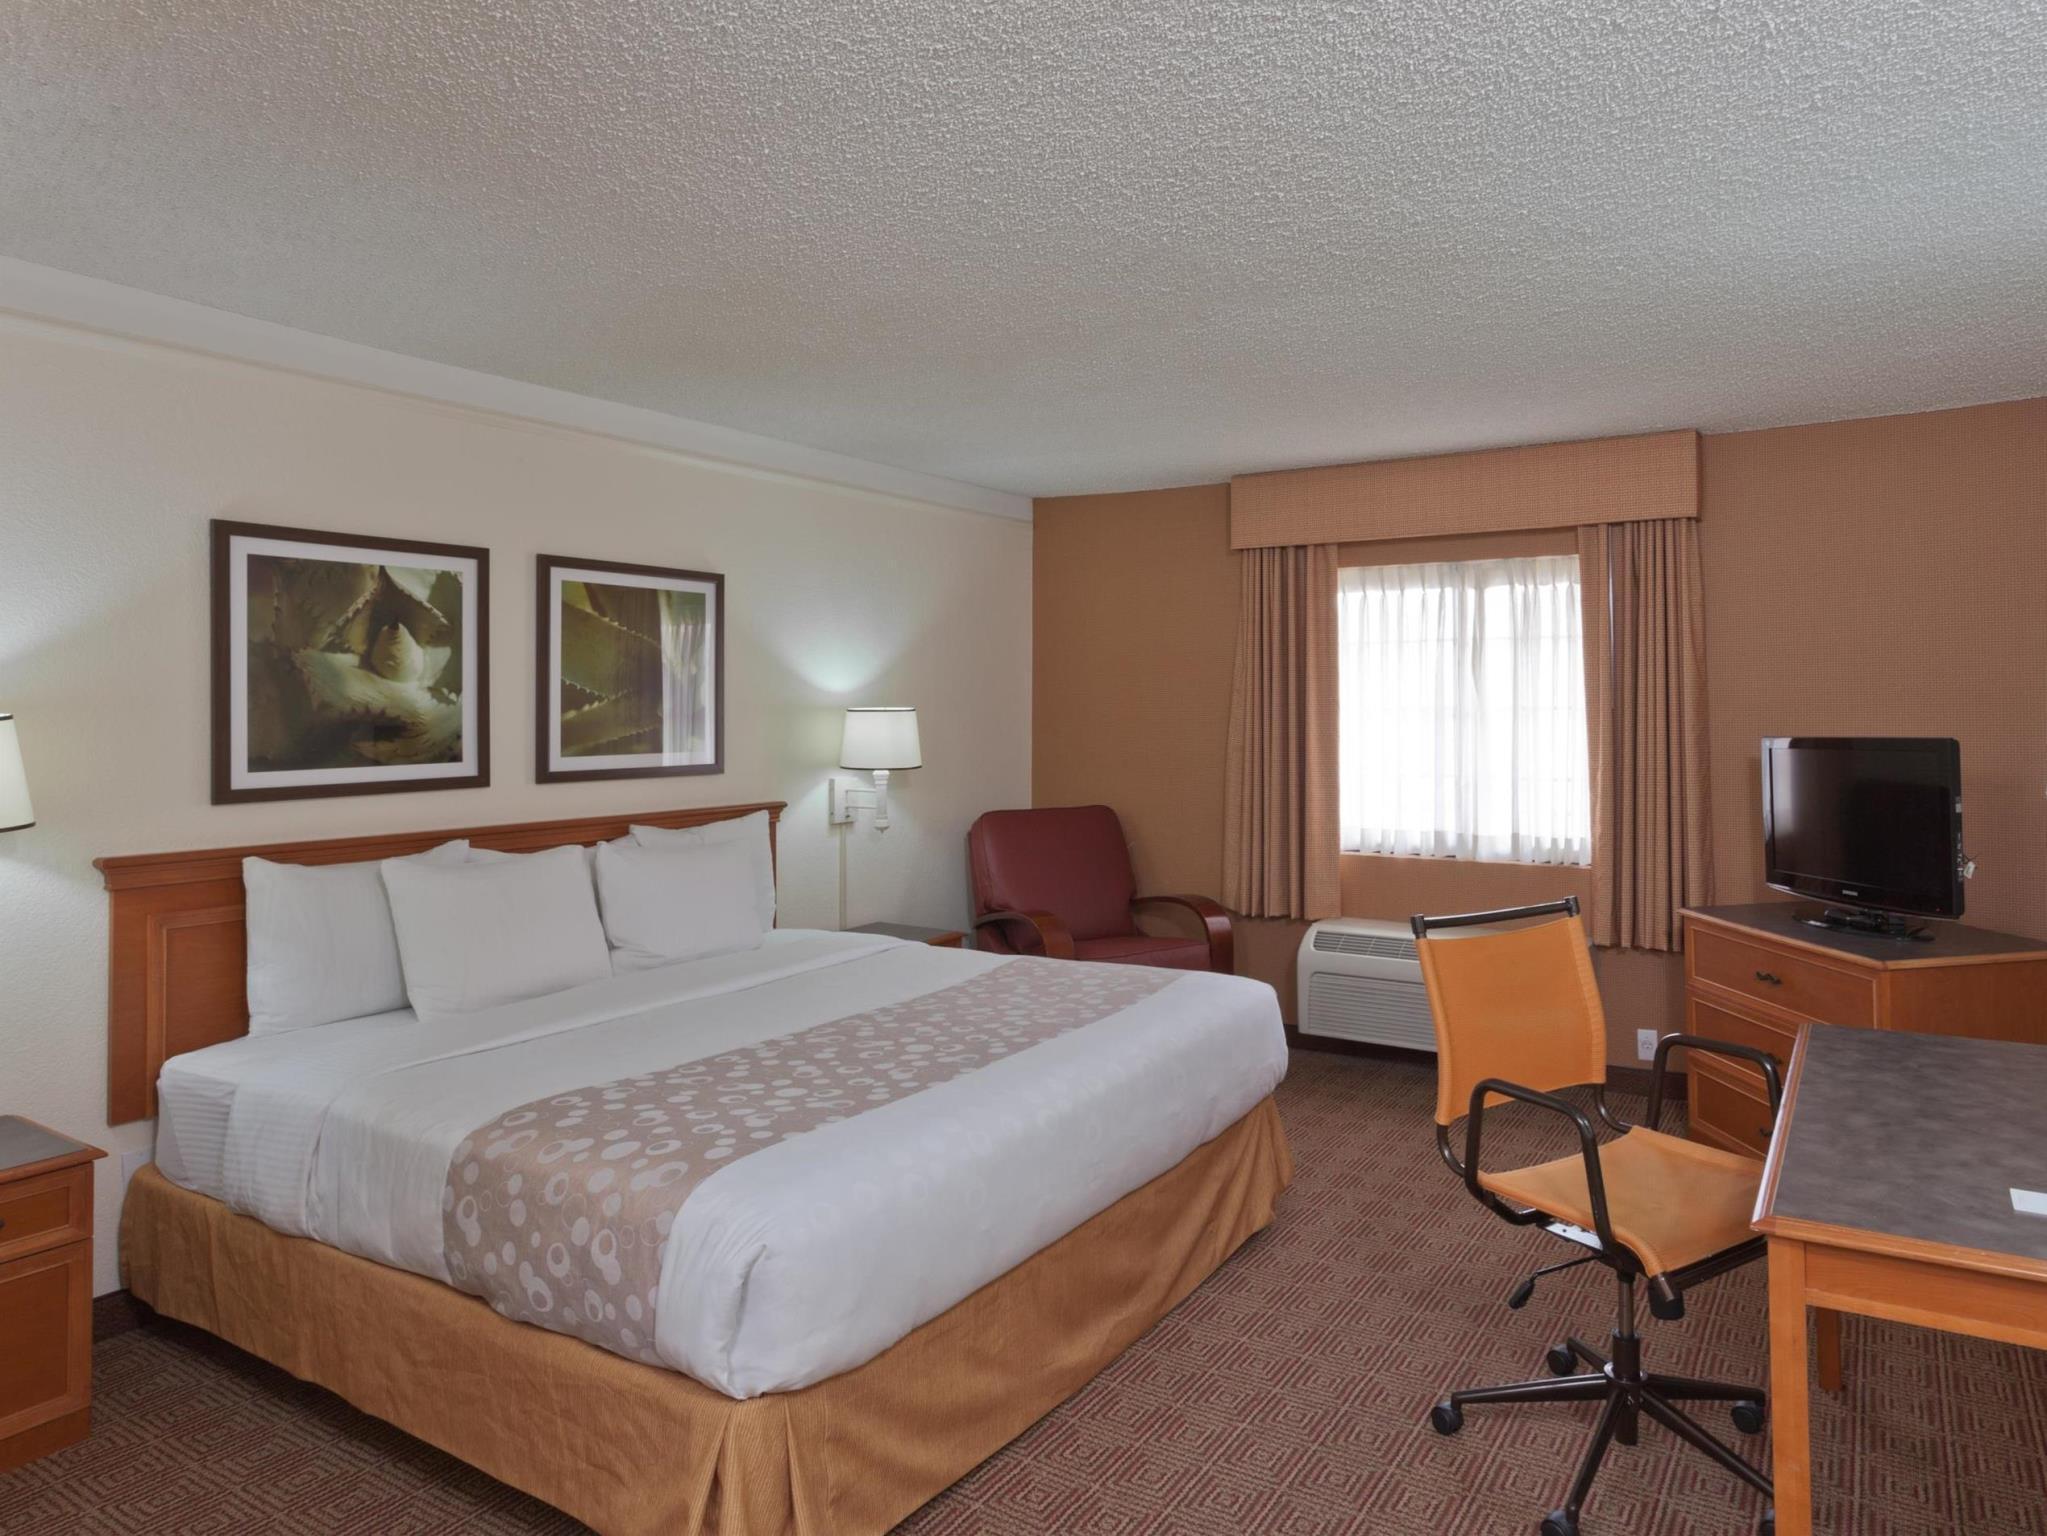 La Quinta Inn & Suites Las Vegas Airport North Convention Center